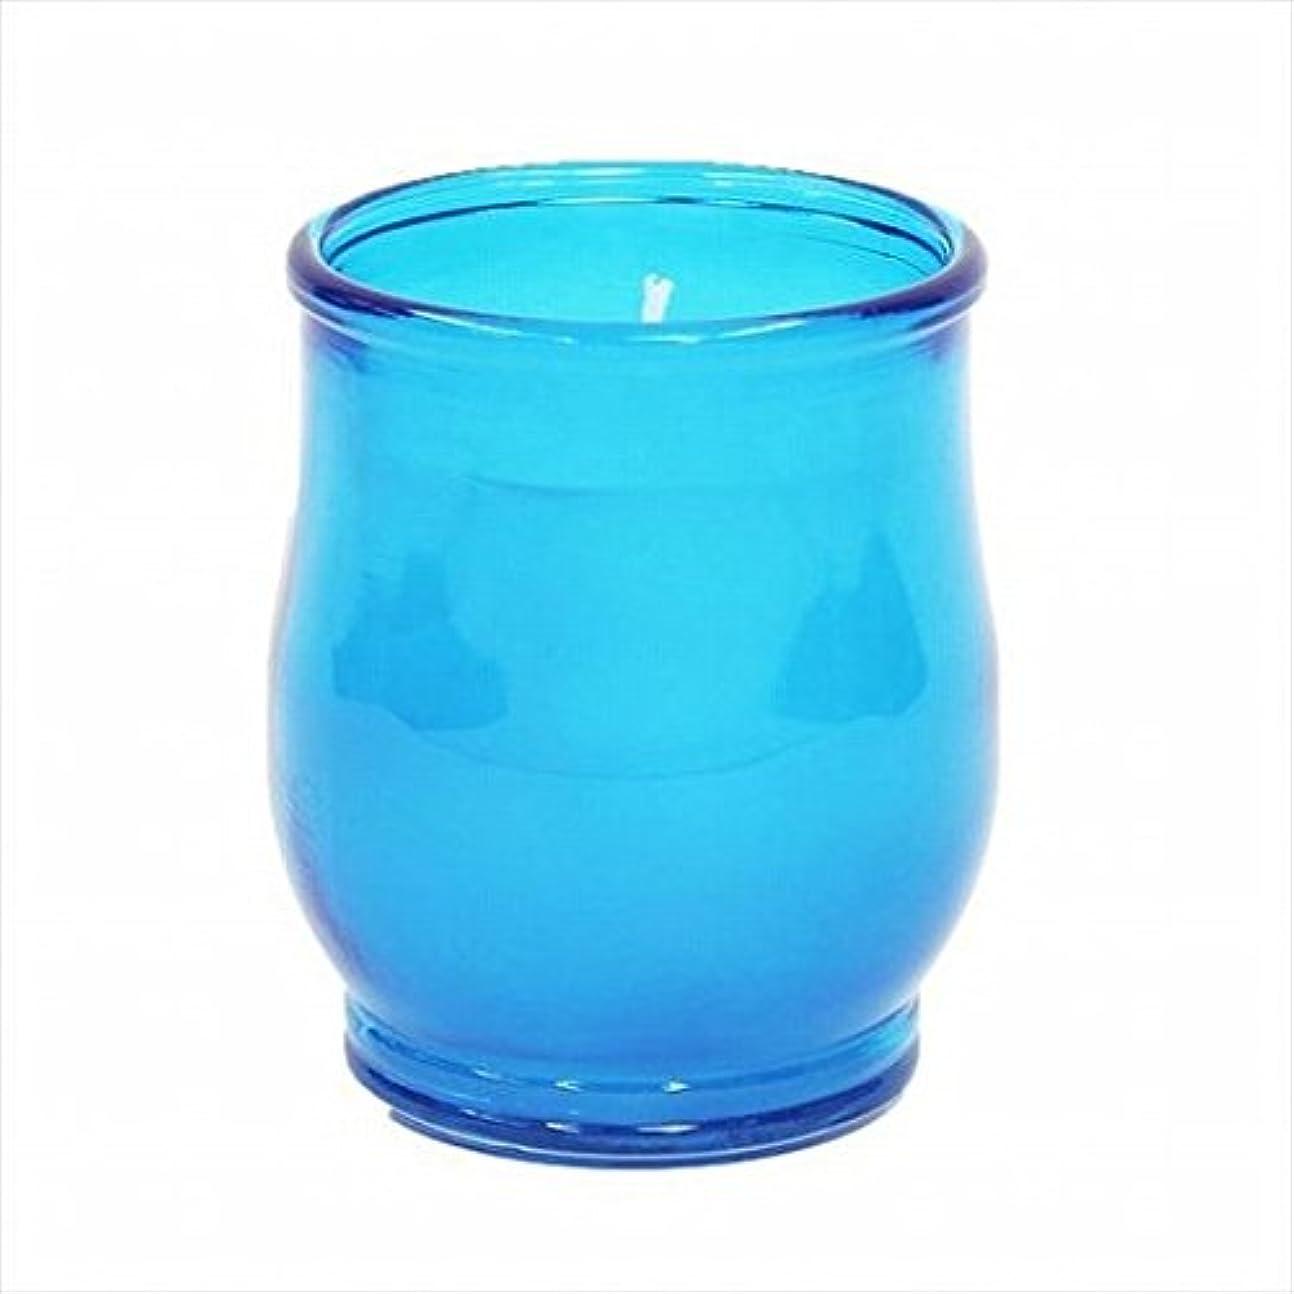 次脅威広範囲kameyama candle(カメヤマキャンドル) ポシェ(非常用コップローソク) 「 ブルー 」 キャンドル 68x68x80mm (73020000BL)